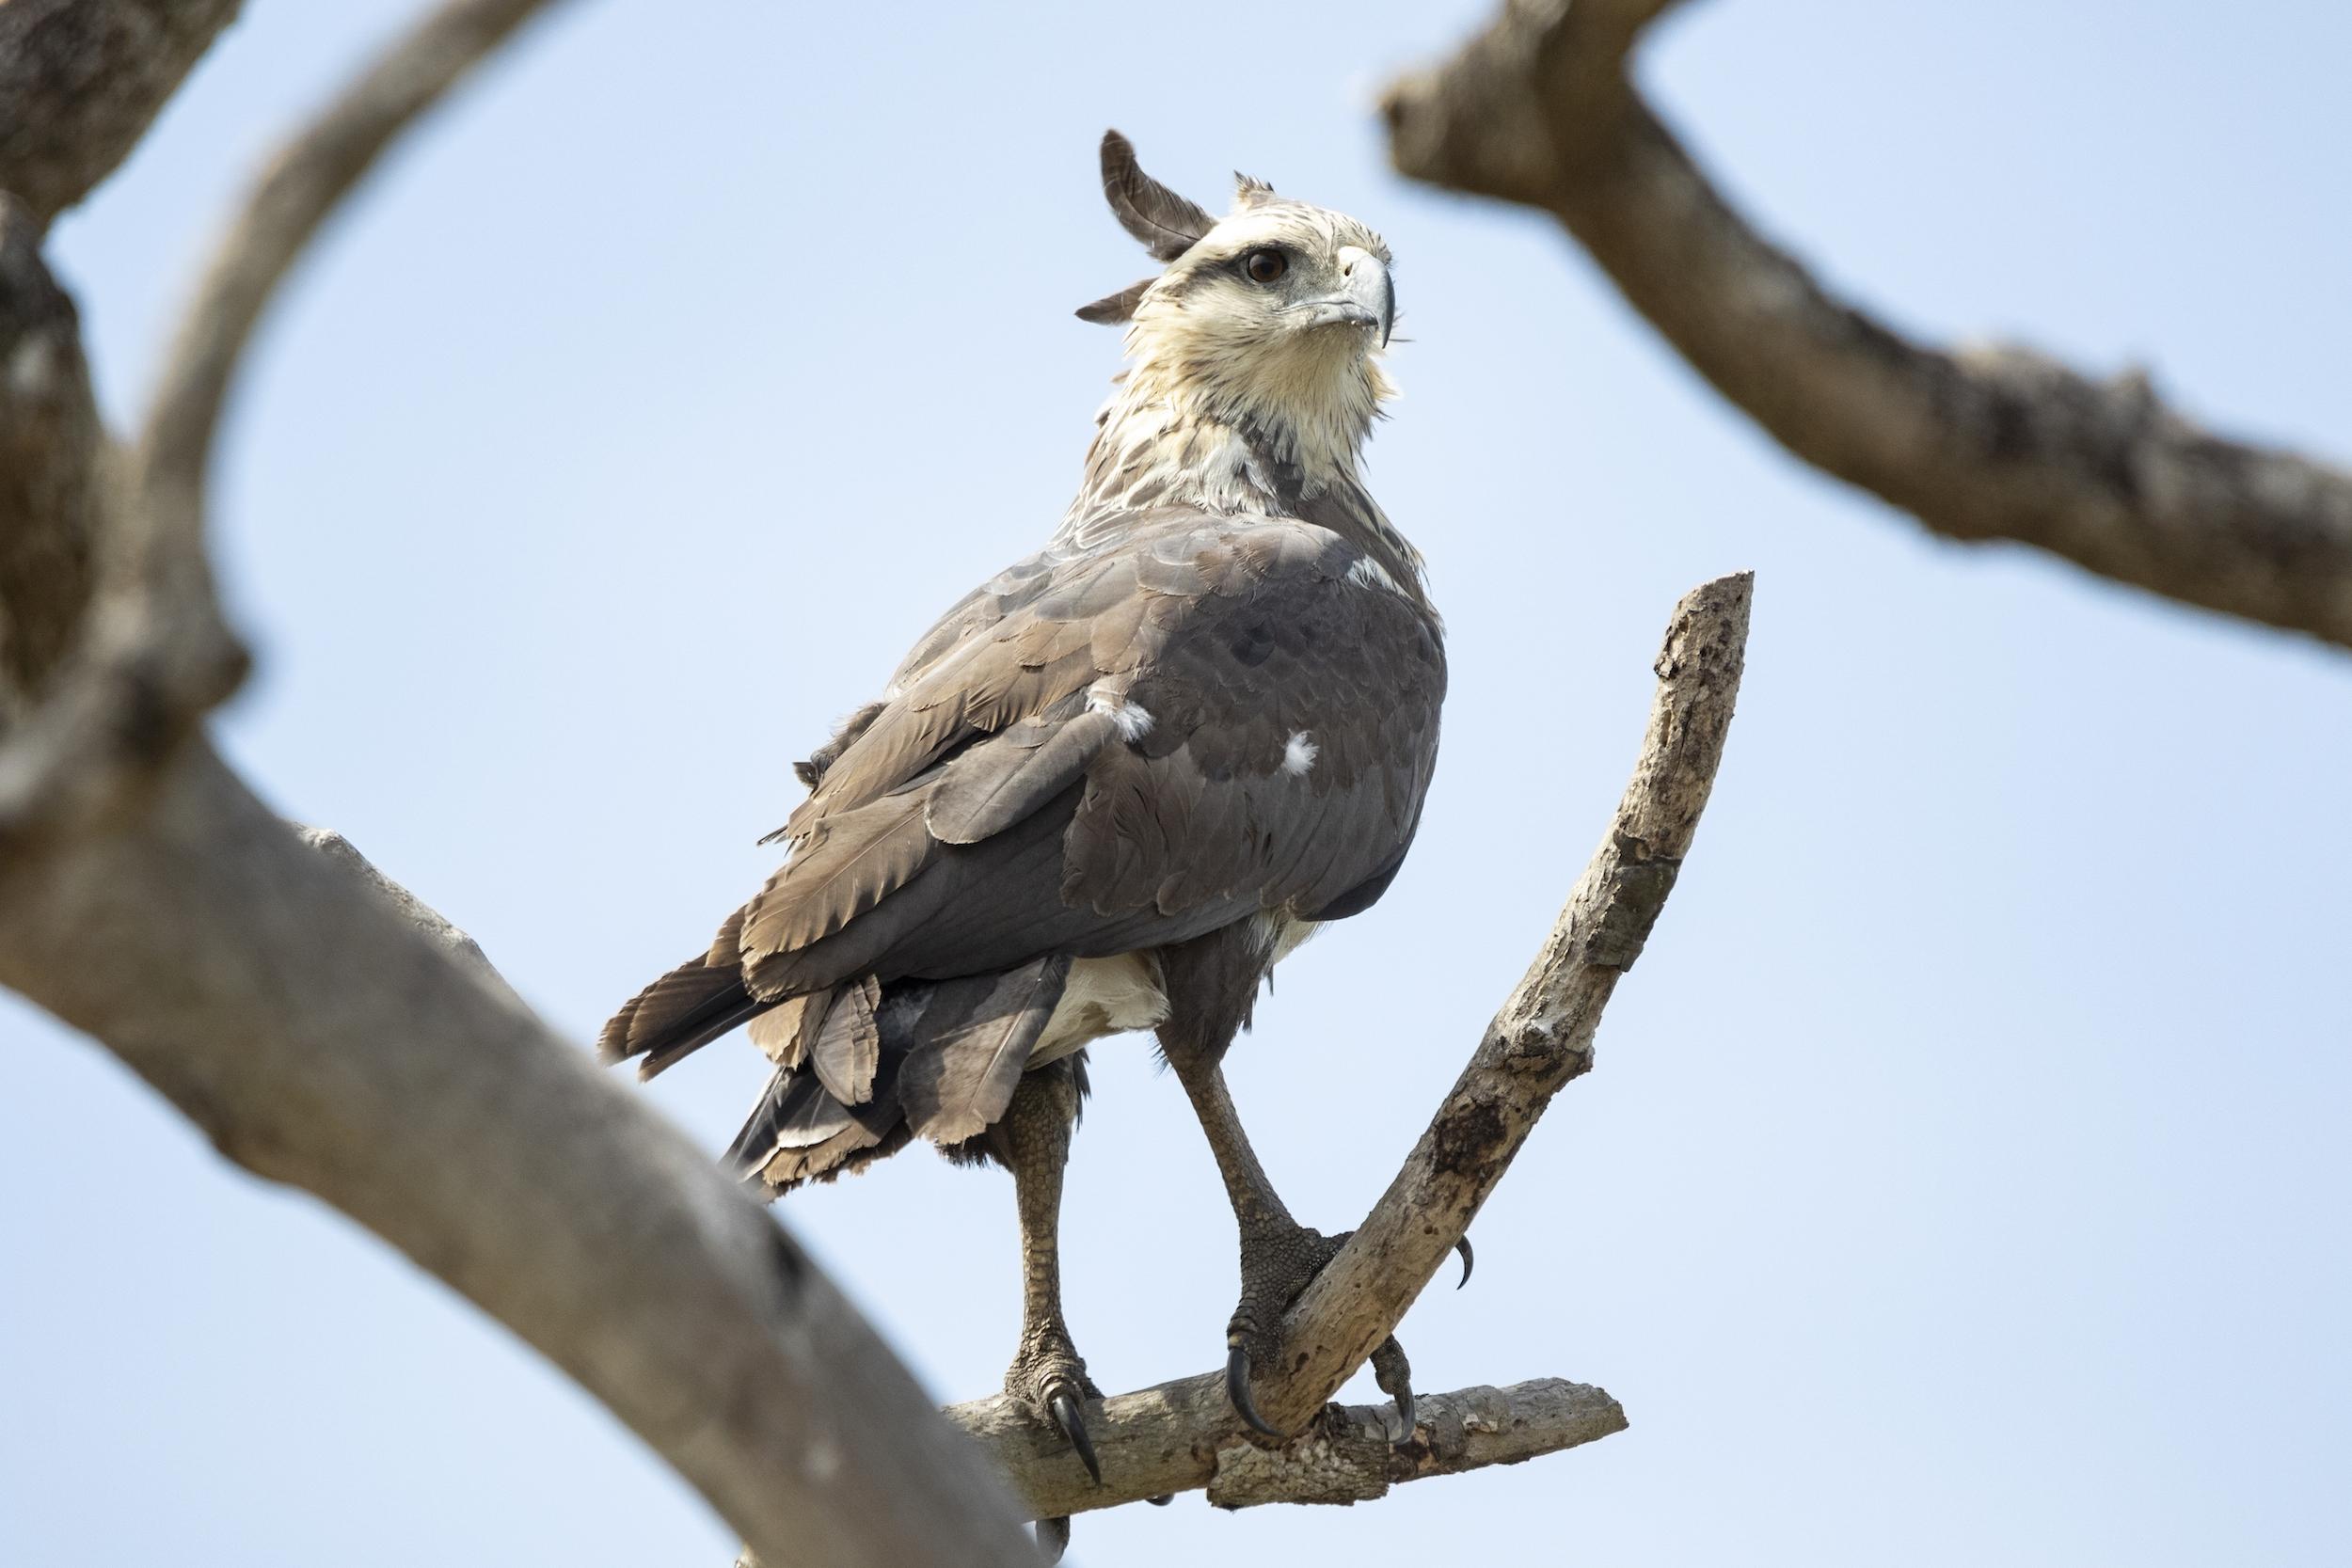 El águila coronada, una especie en peligro de extinción en Bolivia. Foto: Fundación Conservación Loros de Bolivia.